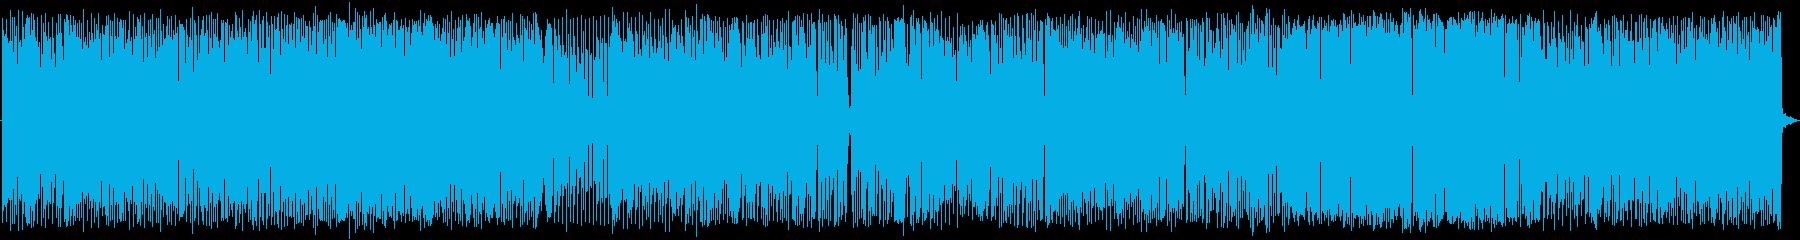 割とアグレッシヴなハウスの再生済みの波形